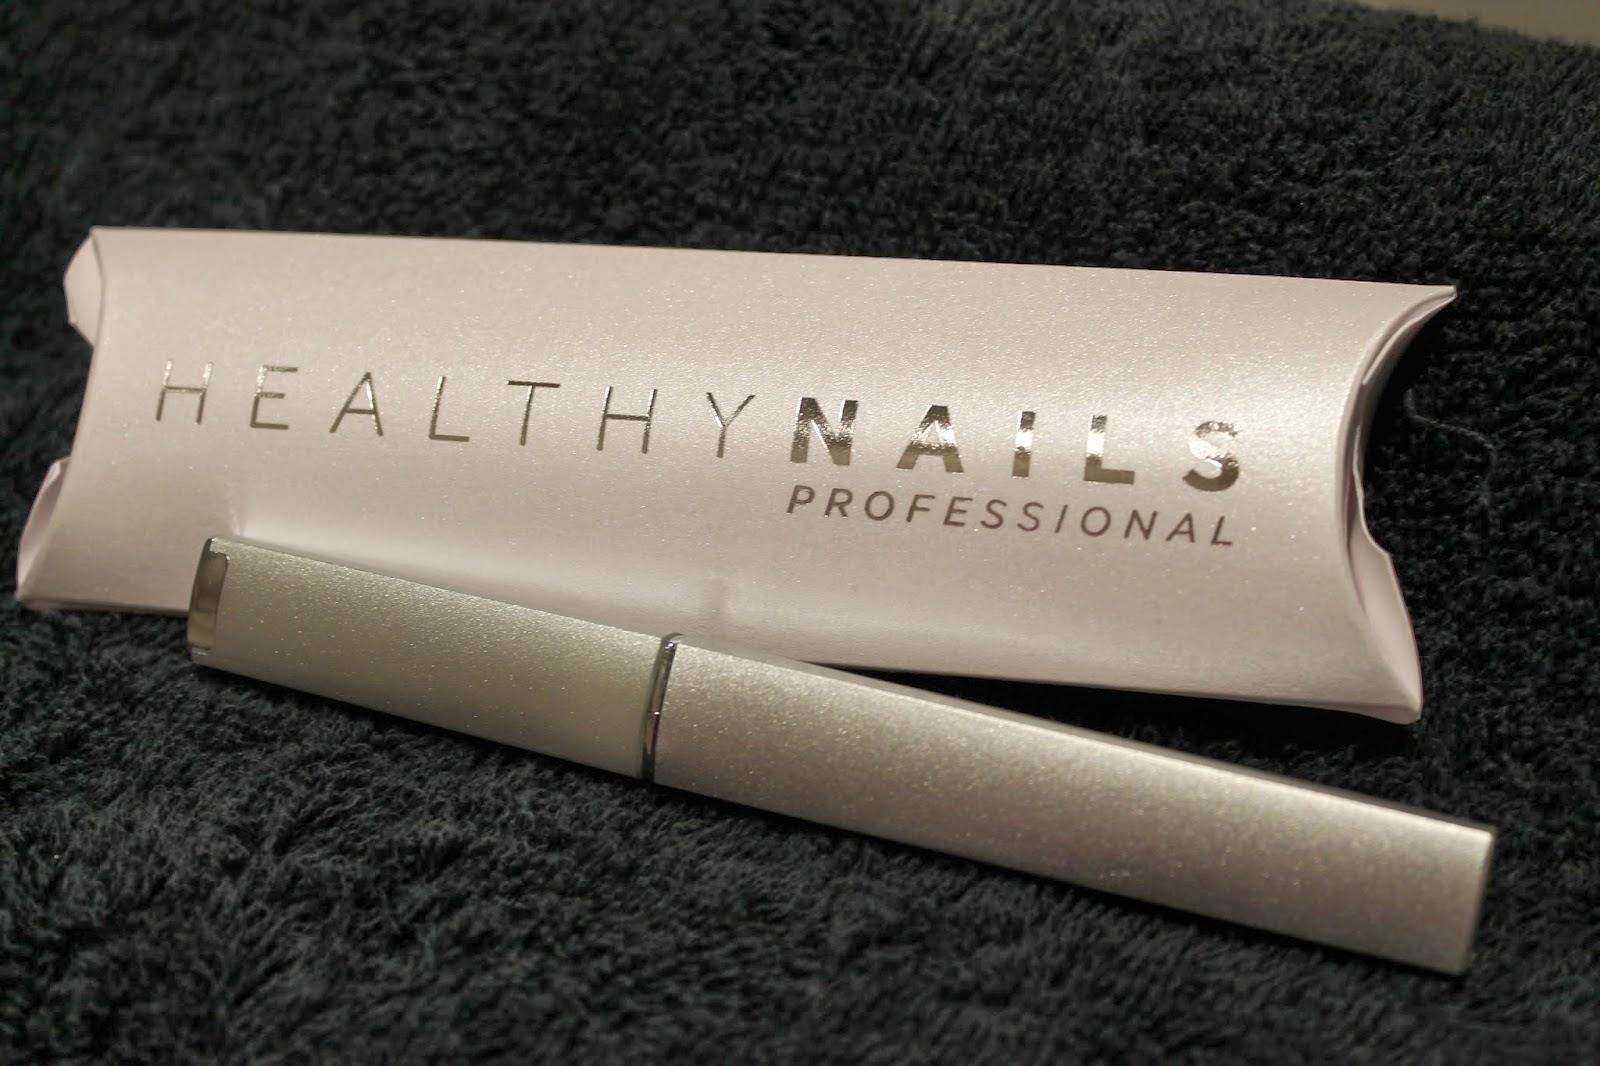 Healthy Nails Crystal Nail File Review